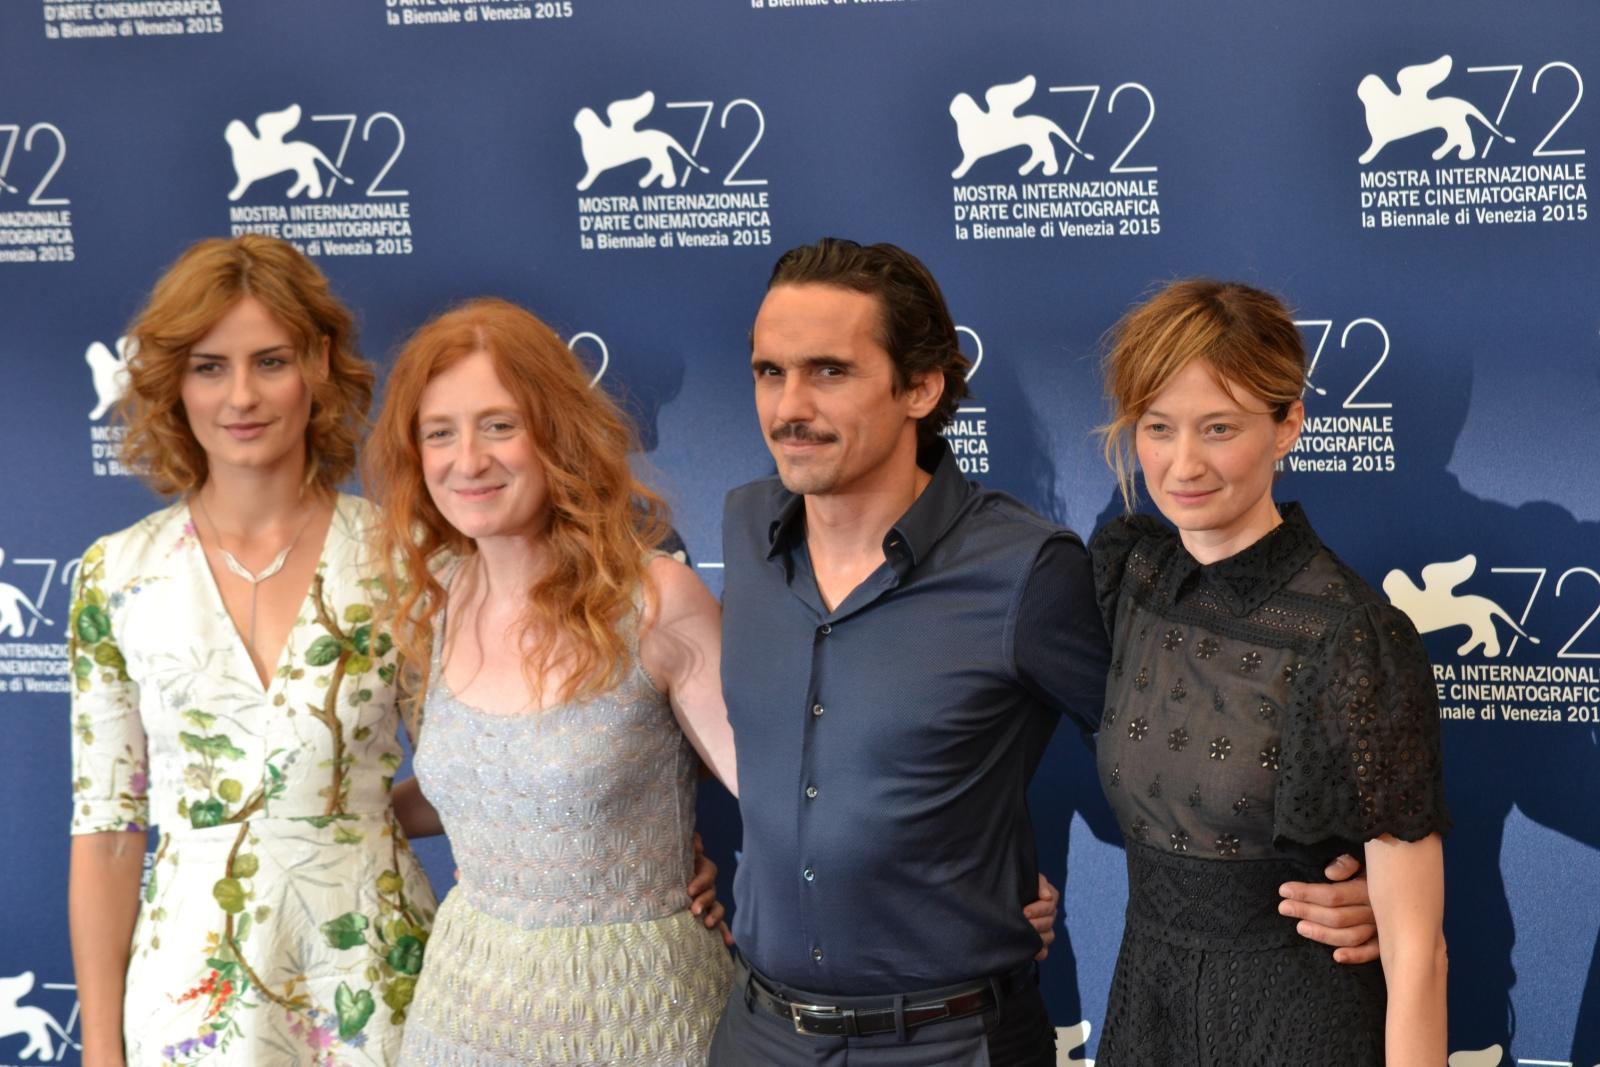 Venezia 2015: Pier Giorgio Bellocchio,Lidiya Liberman, Alba Rohrwacher in uno scatto di gruppo al photocall di Sangue del mio sangue